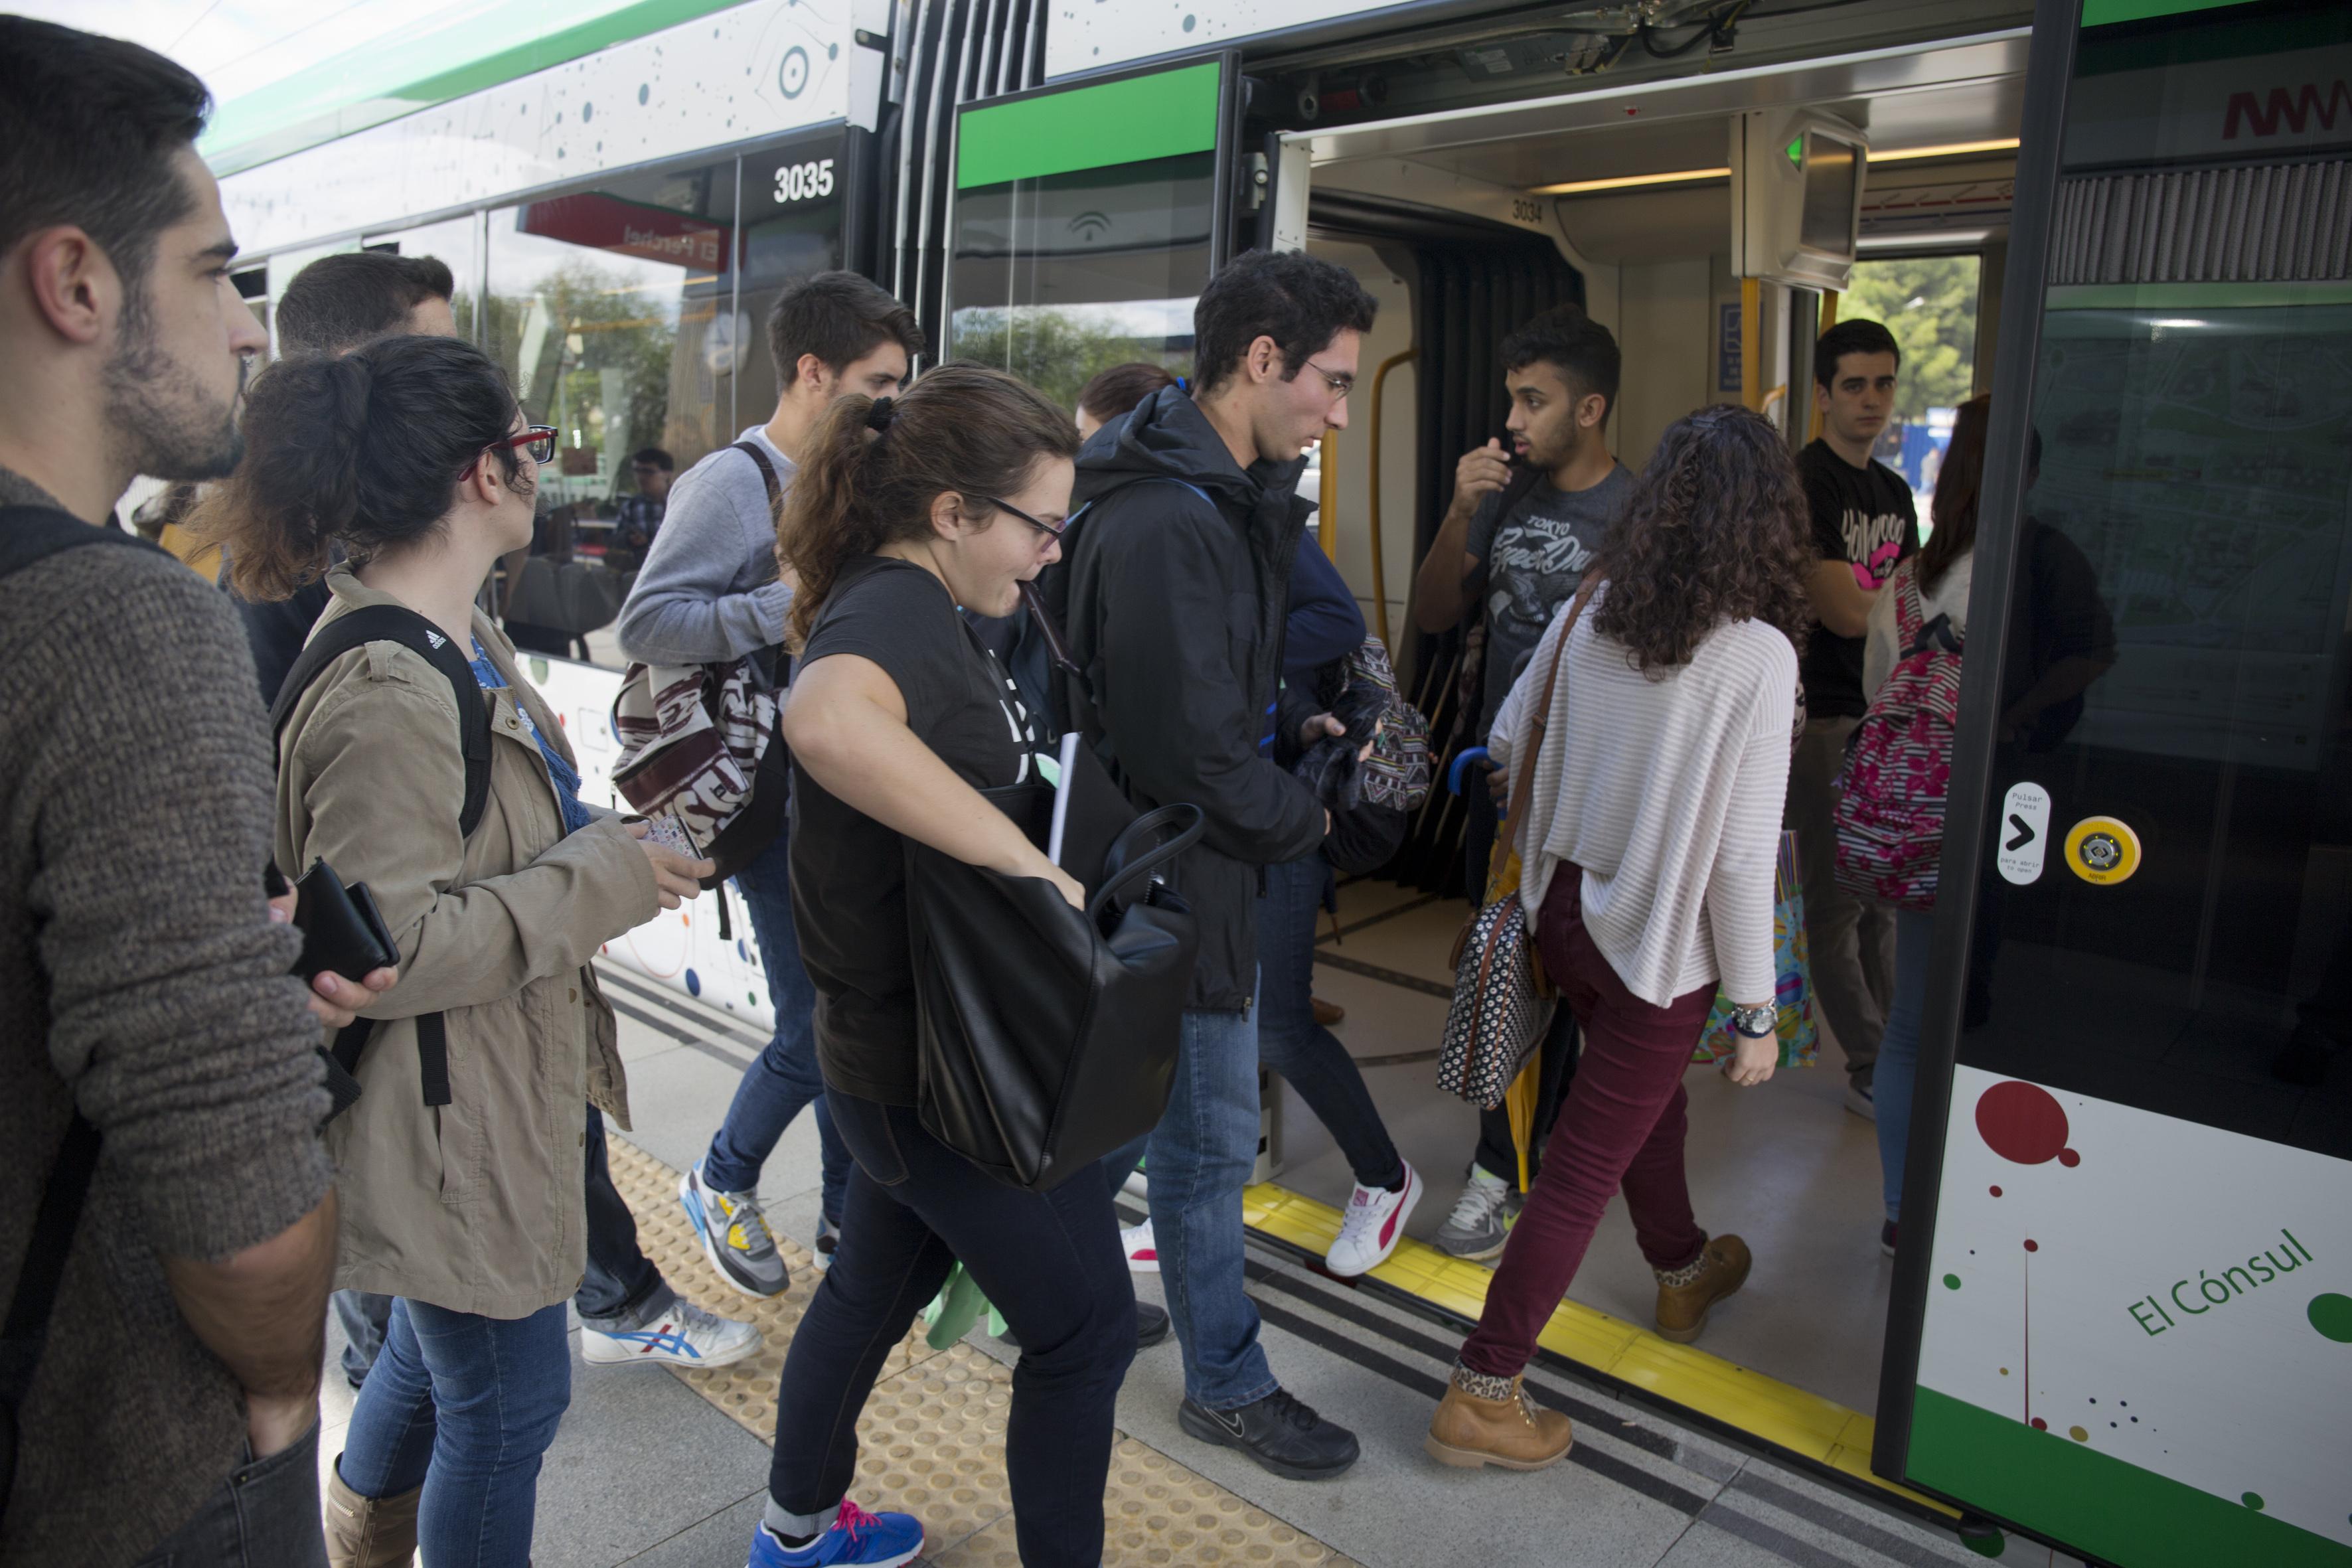 Metro de Málaga sigue aumentando el número de viajeros y agradece la confianza de los usuarios con el suburbano malagueño